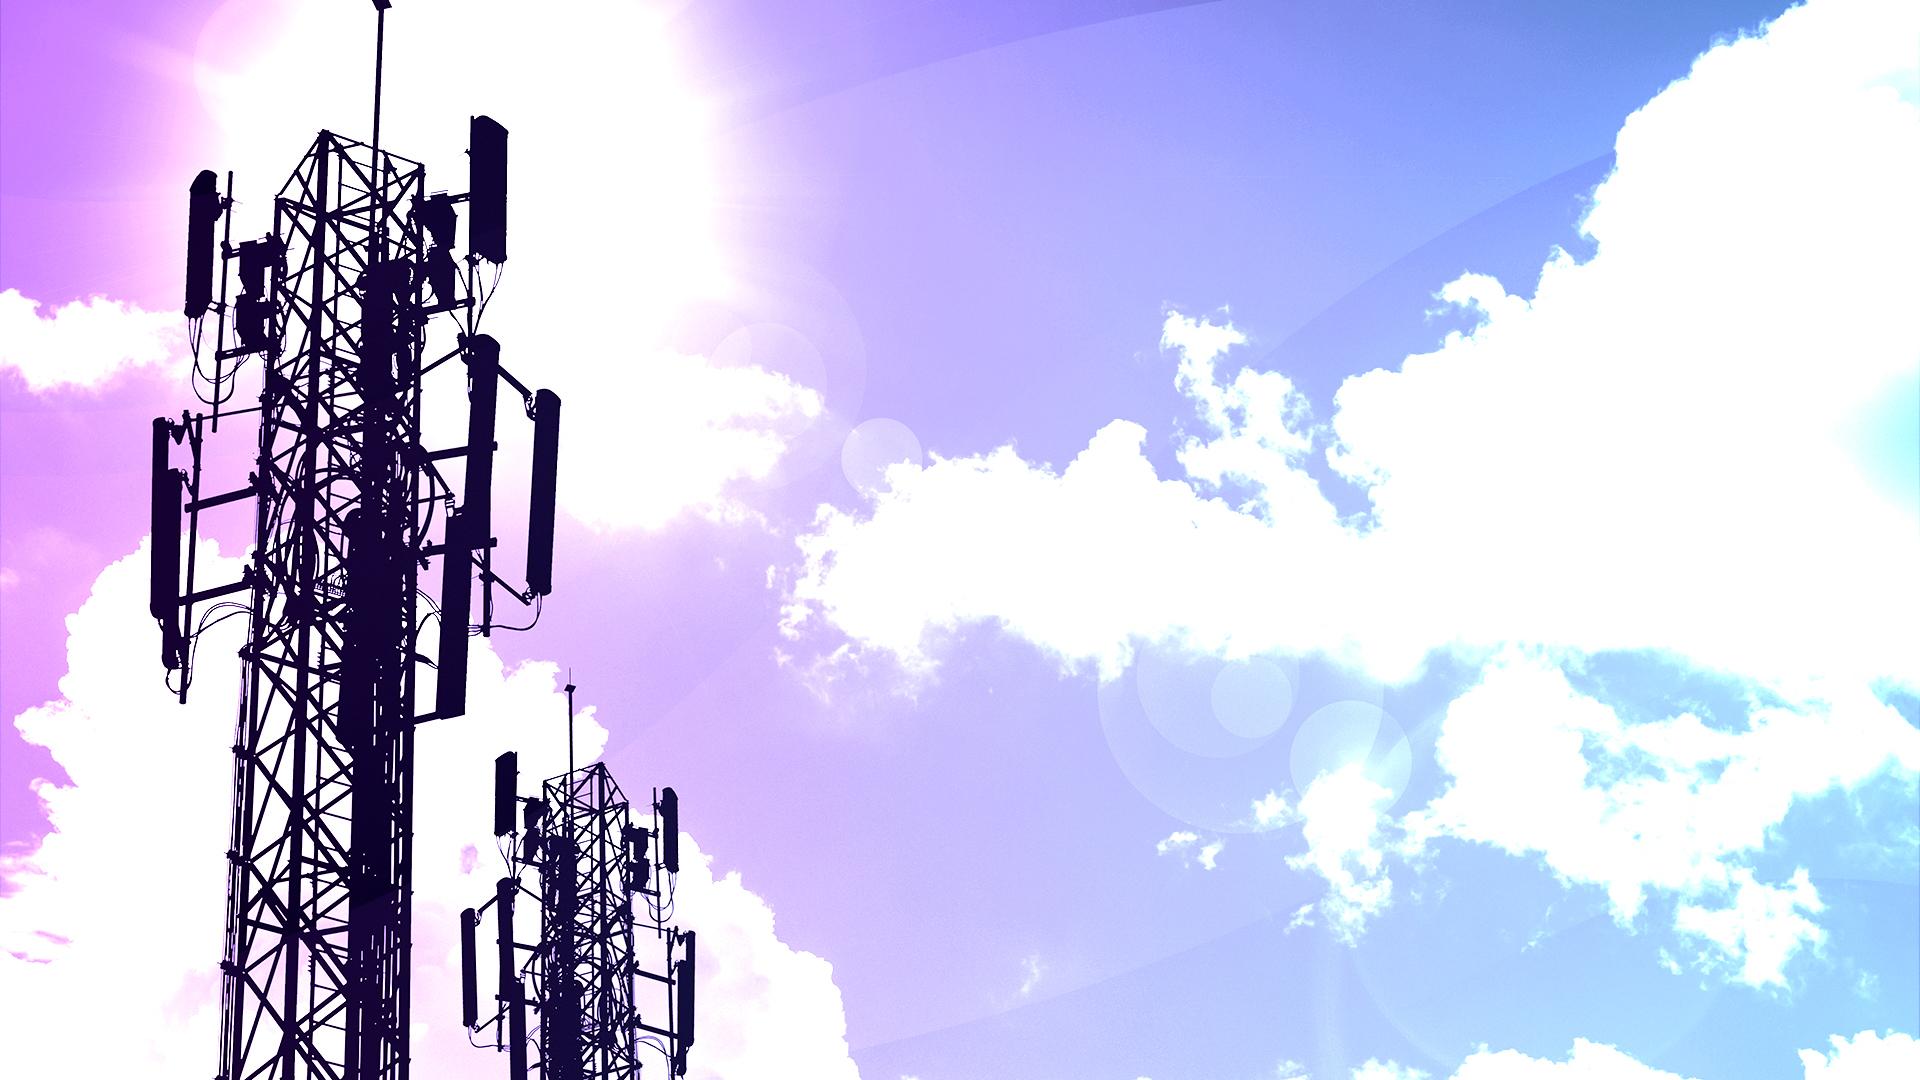 Mobilfunk, Netzausbau, Netzbetreiber, Mobilfunkanbieter, Mobilfunkbetreiber, Telekommunikationsunternehmen, Antenne, Mobilfunknetz, Sendemast, Funkmast, Handymast